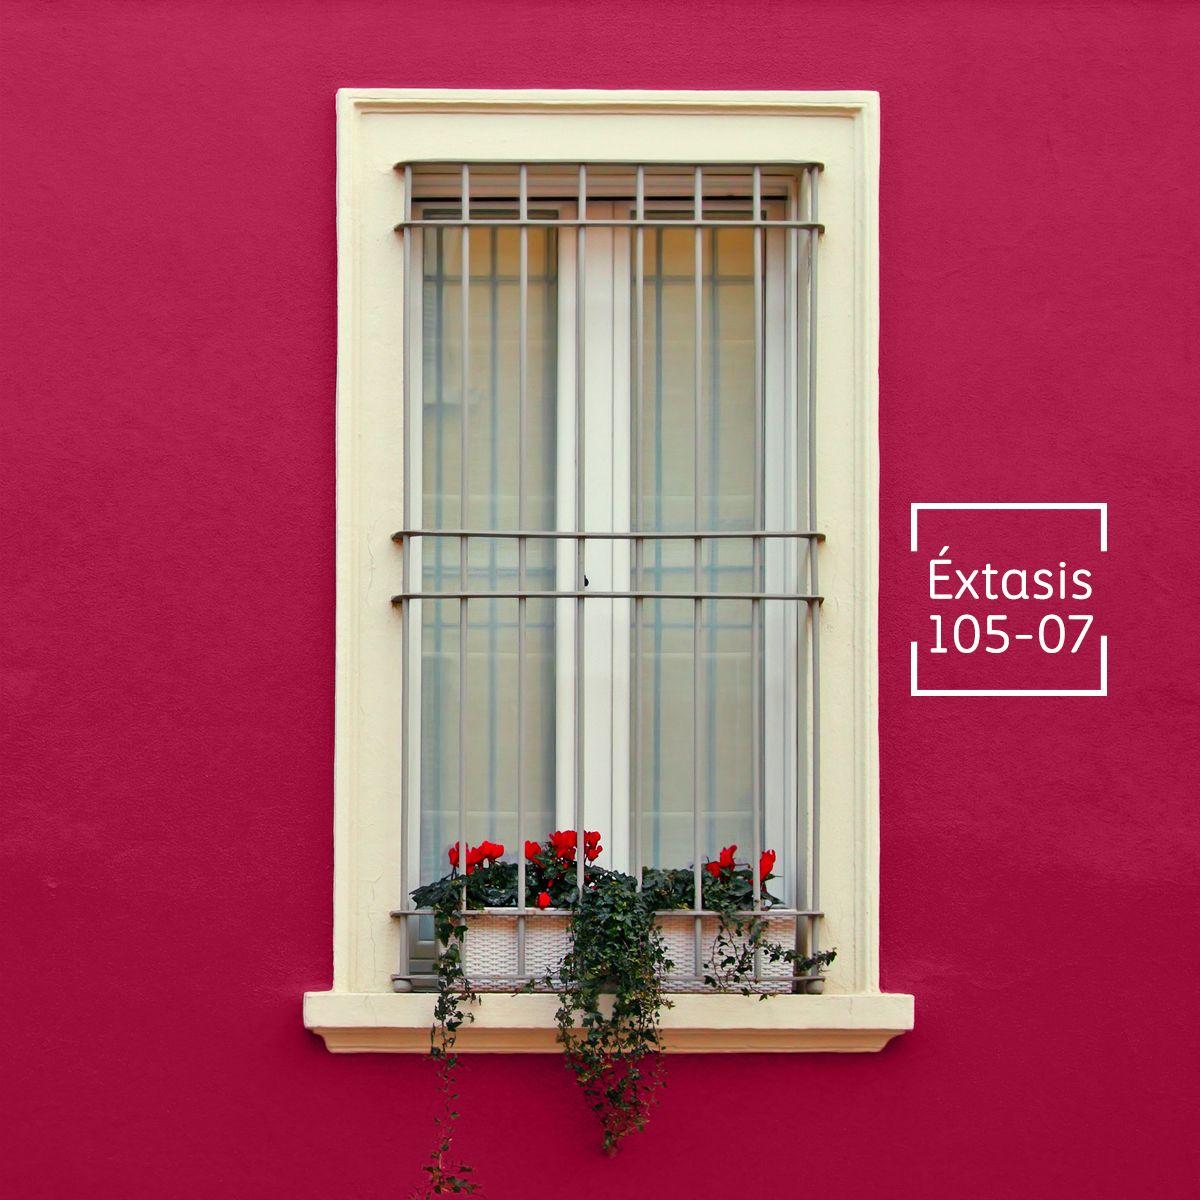 Tu fachada lucir incre ble con comex y resaltar esos - Fachadas de casas pintadas ...